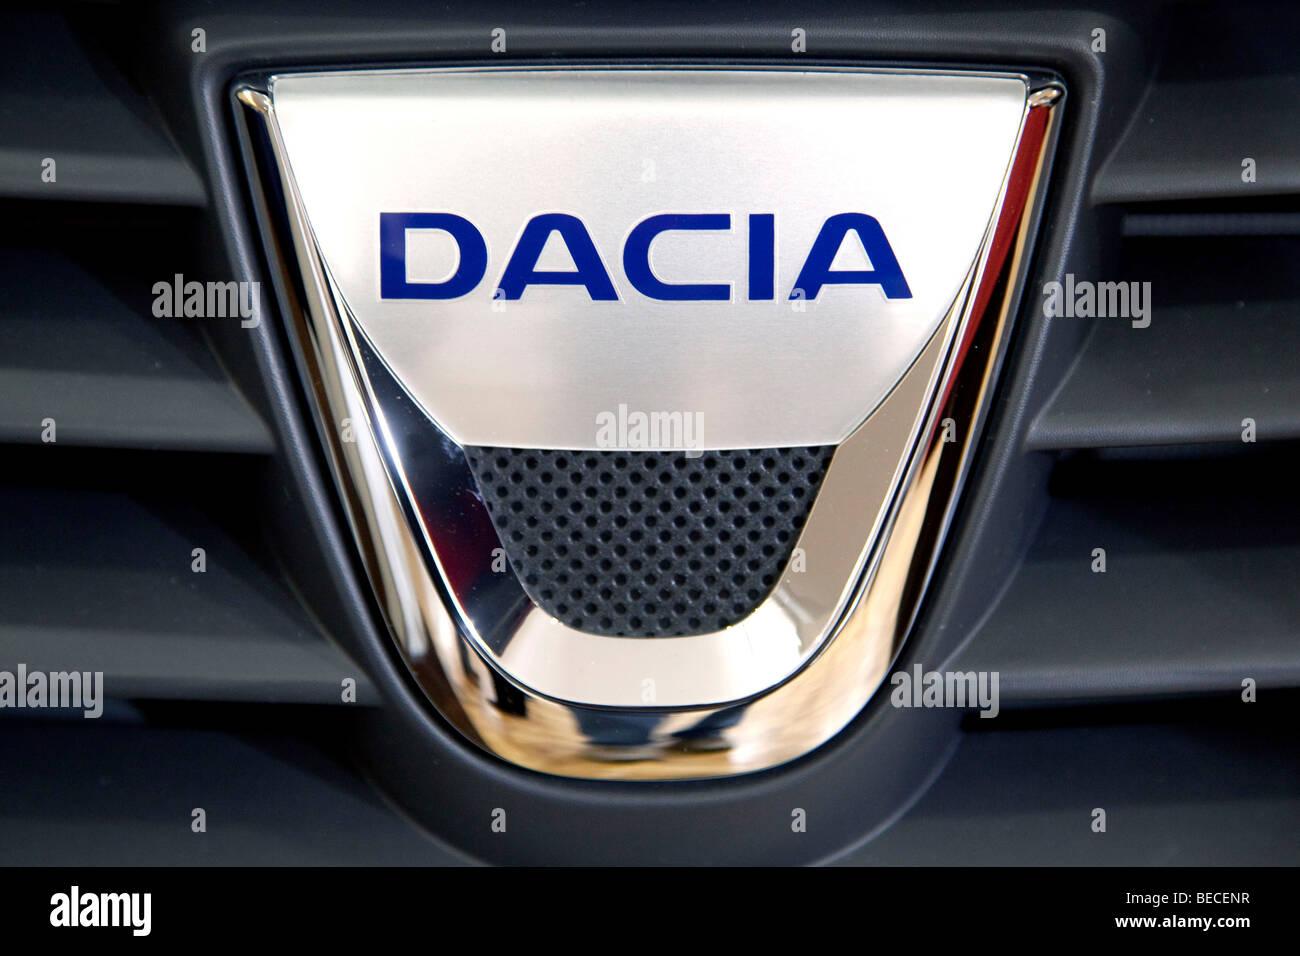 Dacia emblem on a car Stock Photo